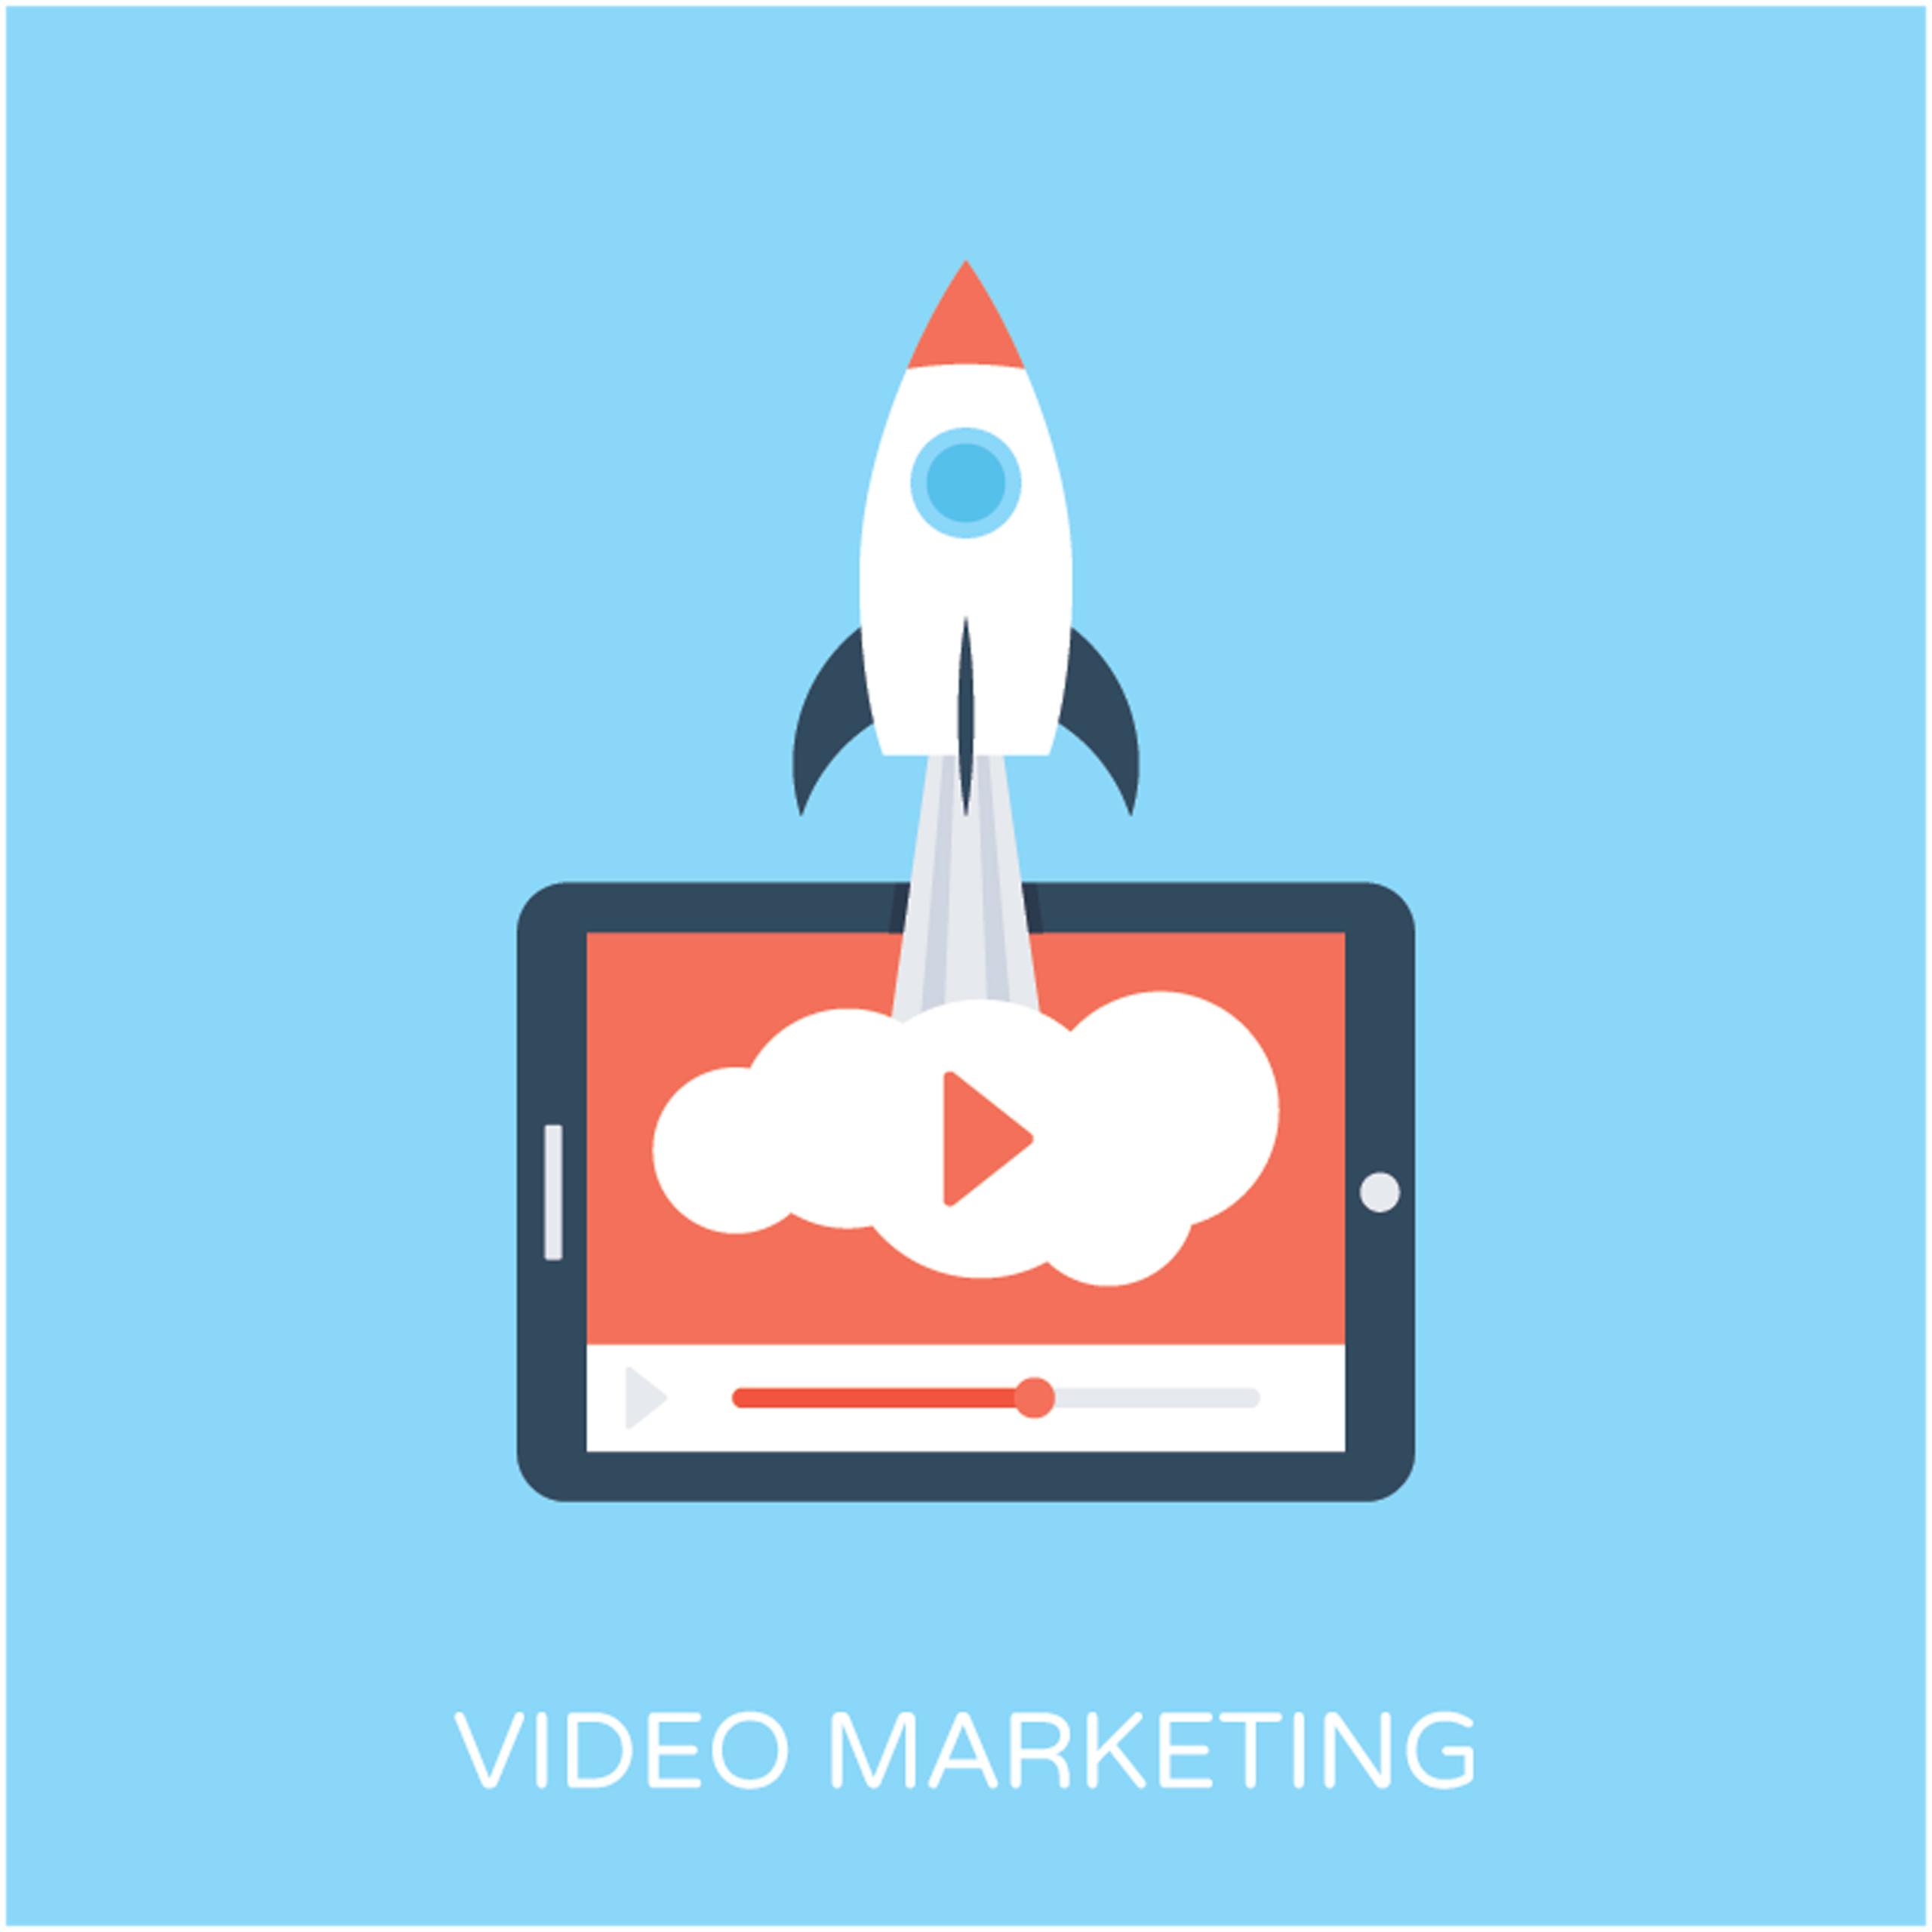 Vídeo marketing